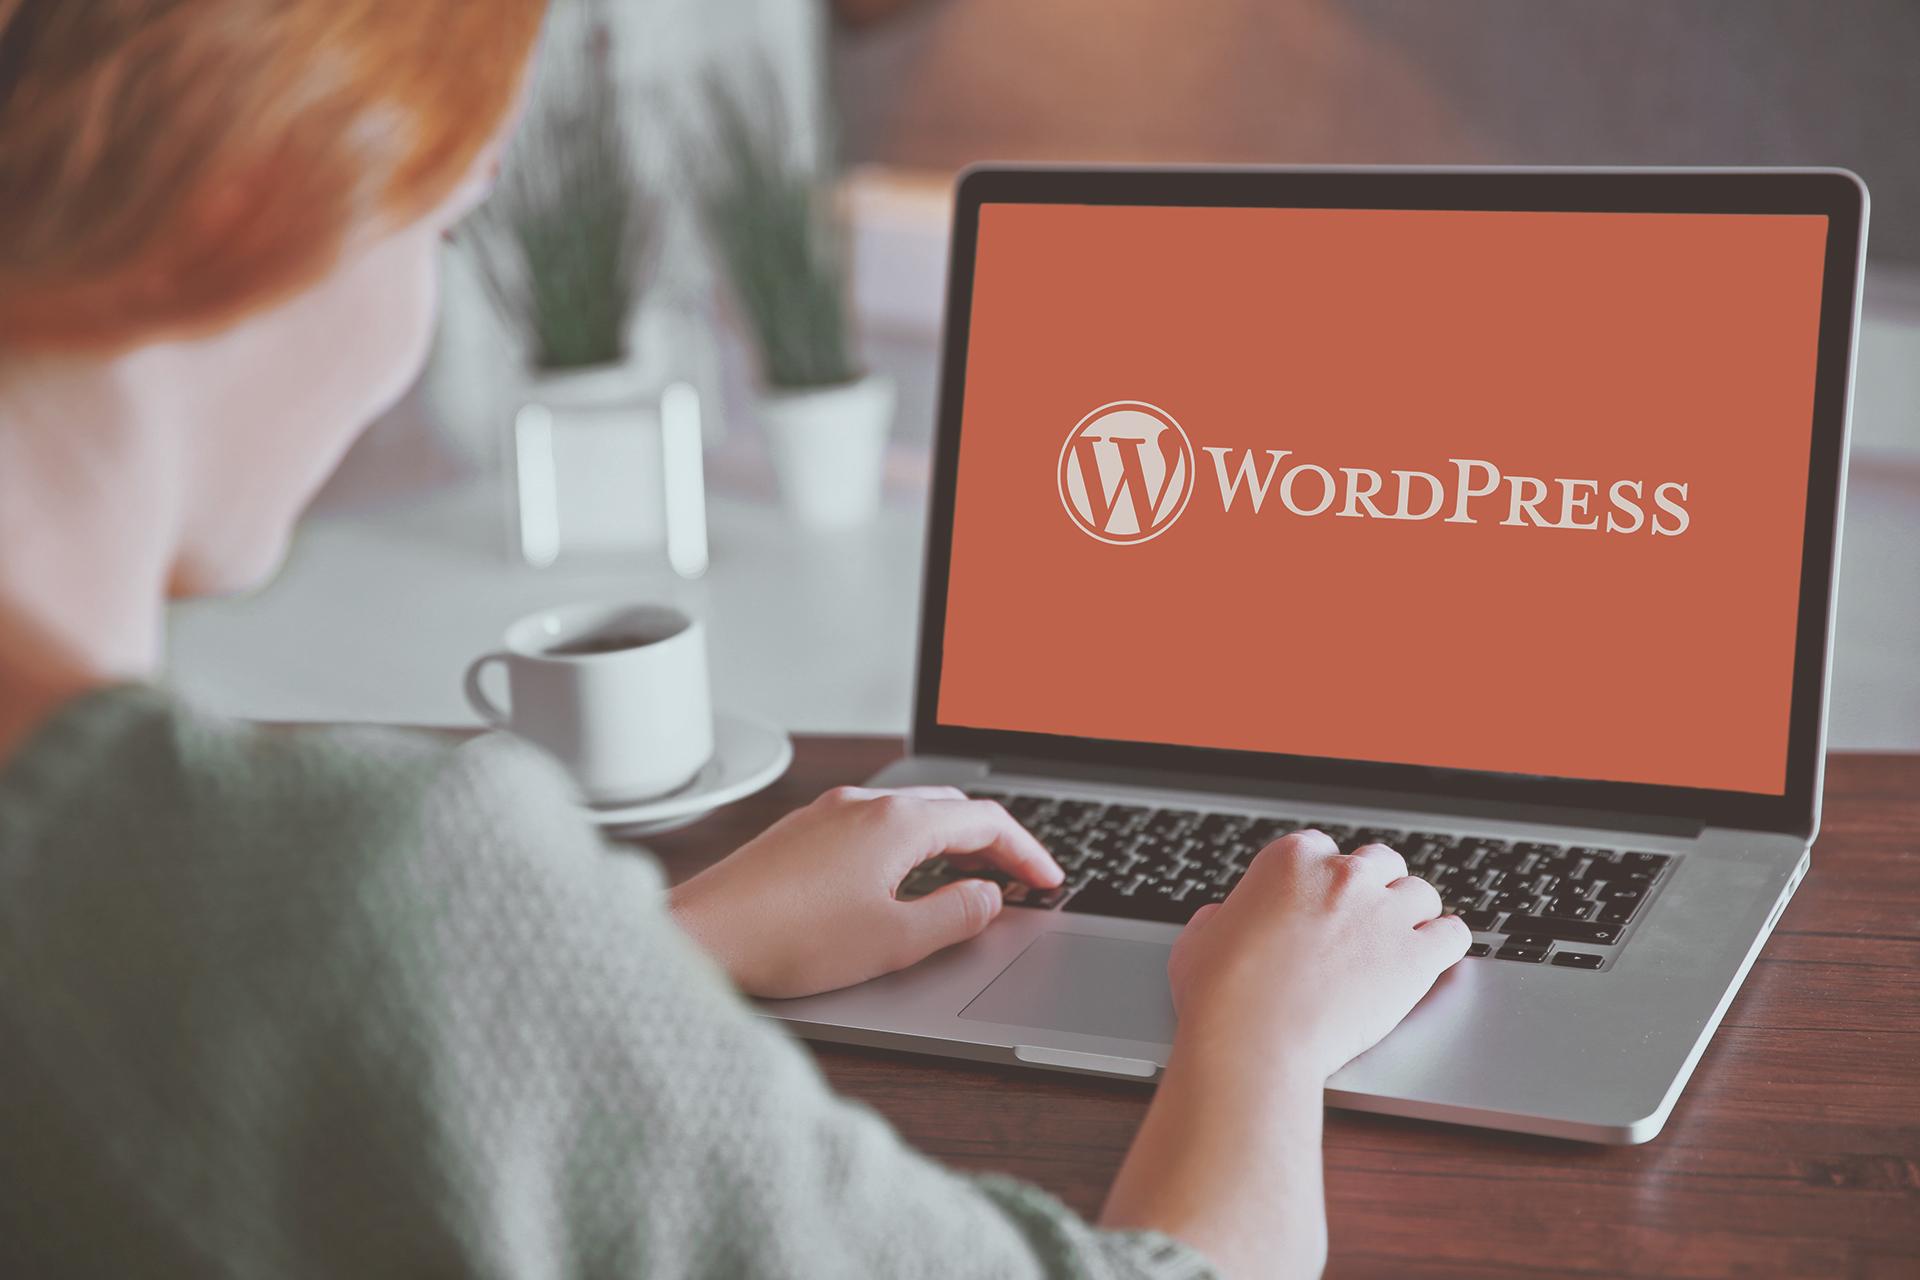 چگونه بلاگ وردپرس را طراحی کنیم؟